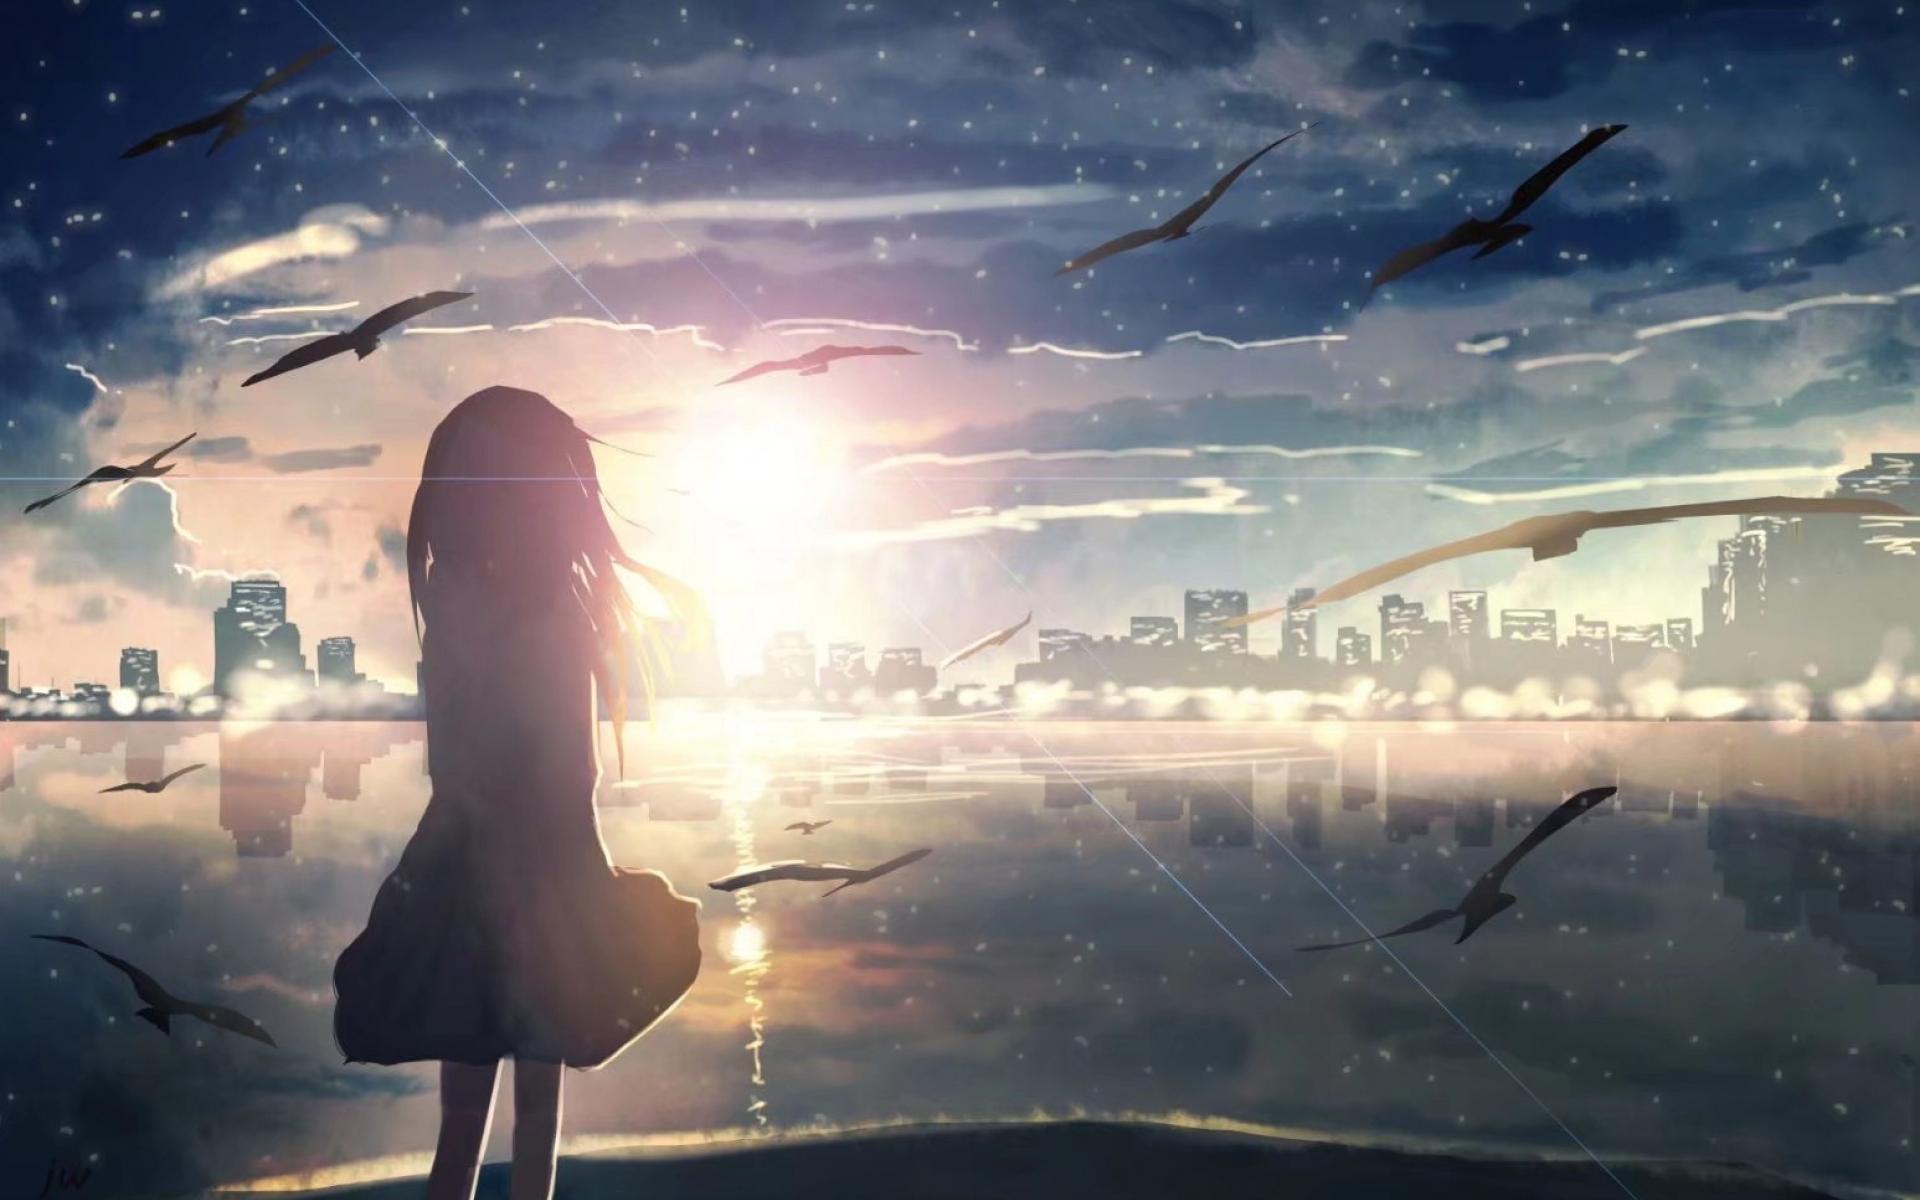 动漫世界中的孤独背影